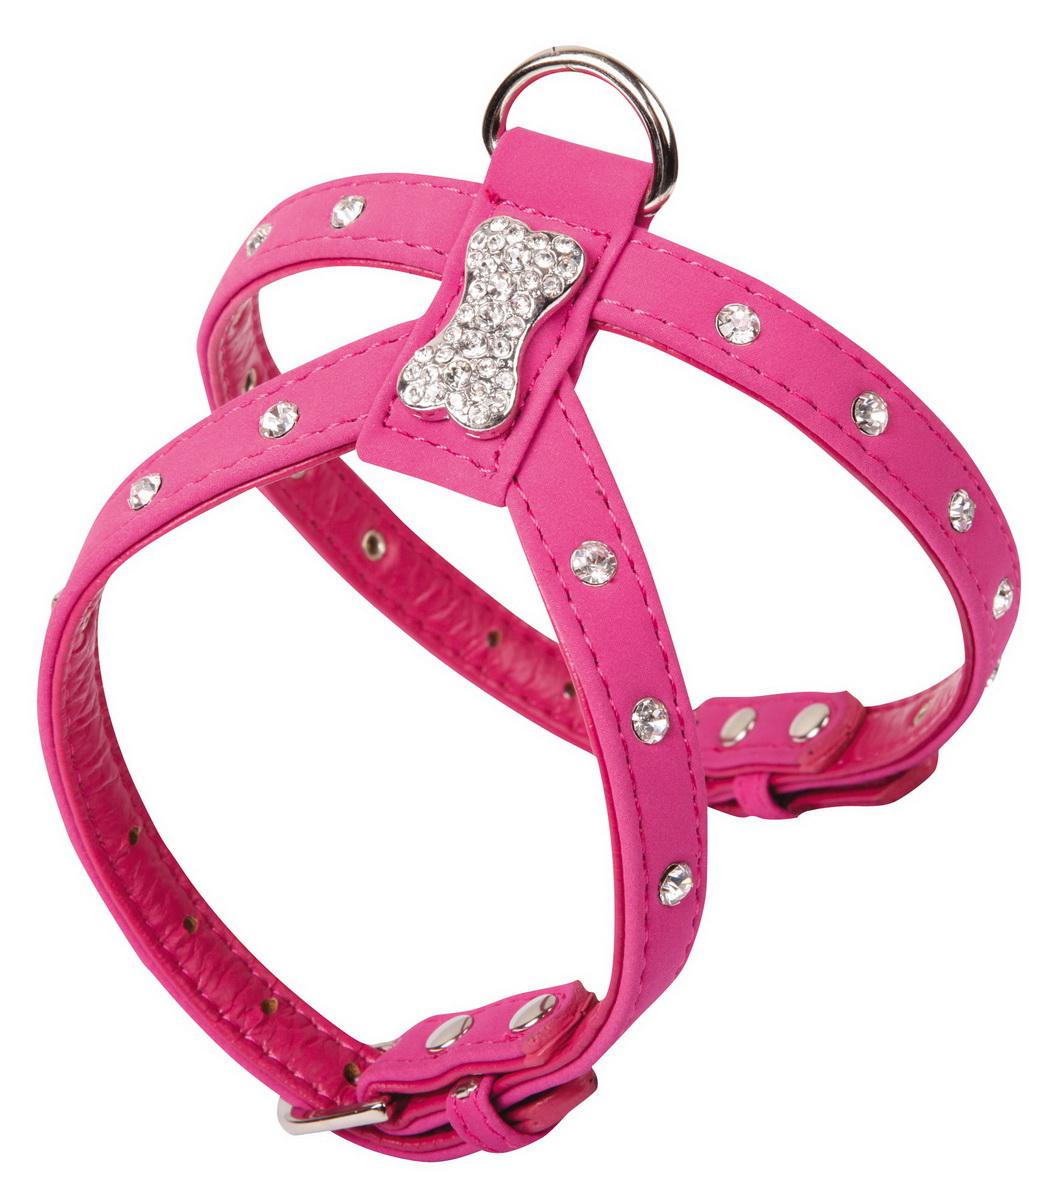 Шлейка для собак Dezzie, цвет: розовый, обхват шеи 20-26 см, обхват груди 28-34 см. Размер M. 5624079 шлейка для собак dezzie цвет черный ширина 1 см обхват шеи 25 см обхват груди 28 33 см размер s 5624007